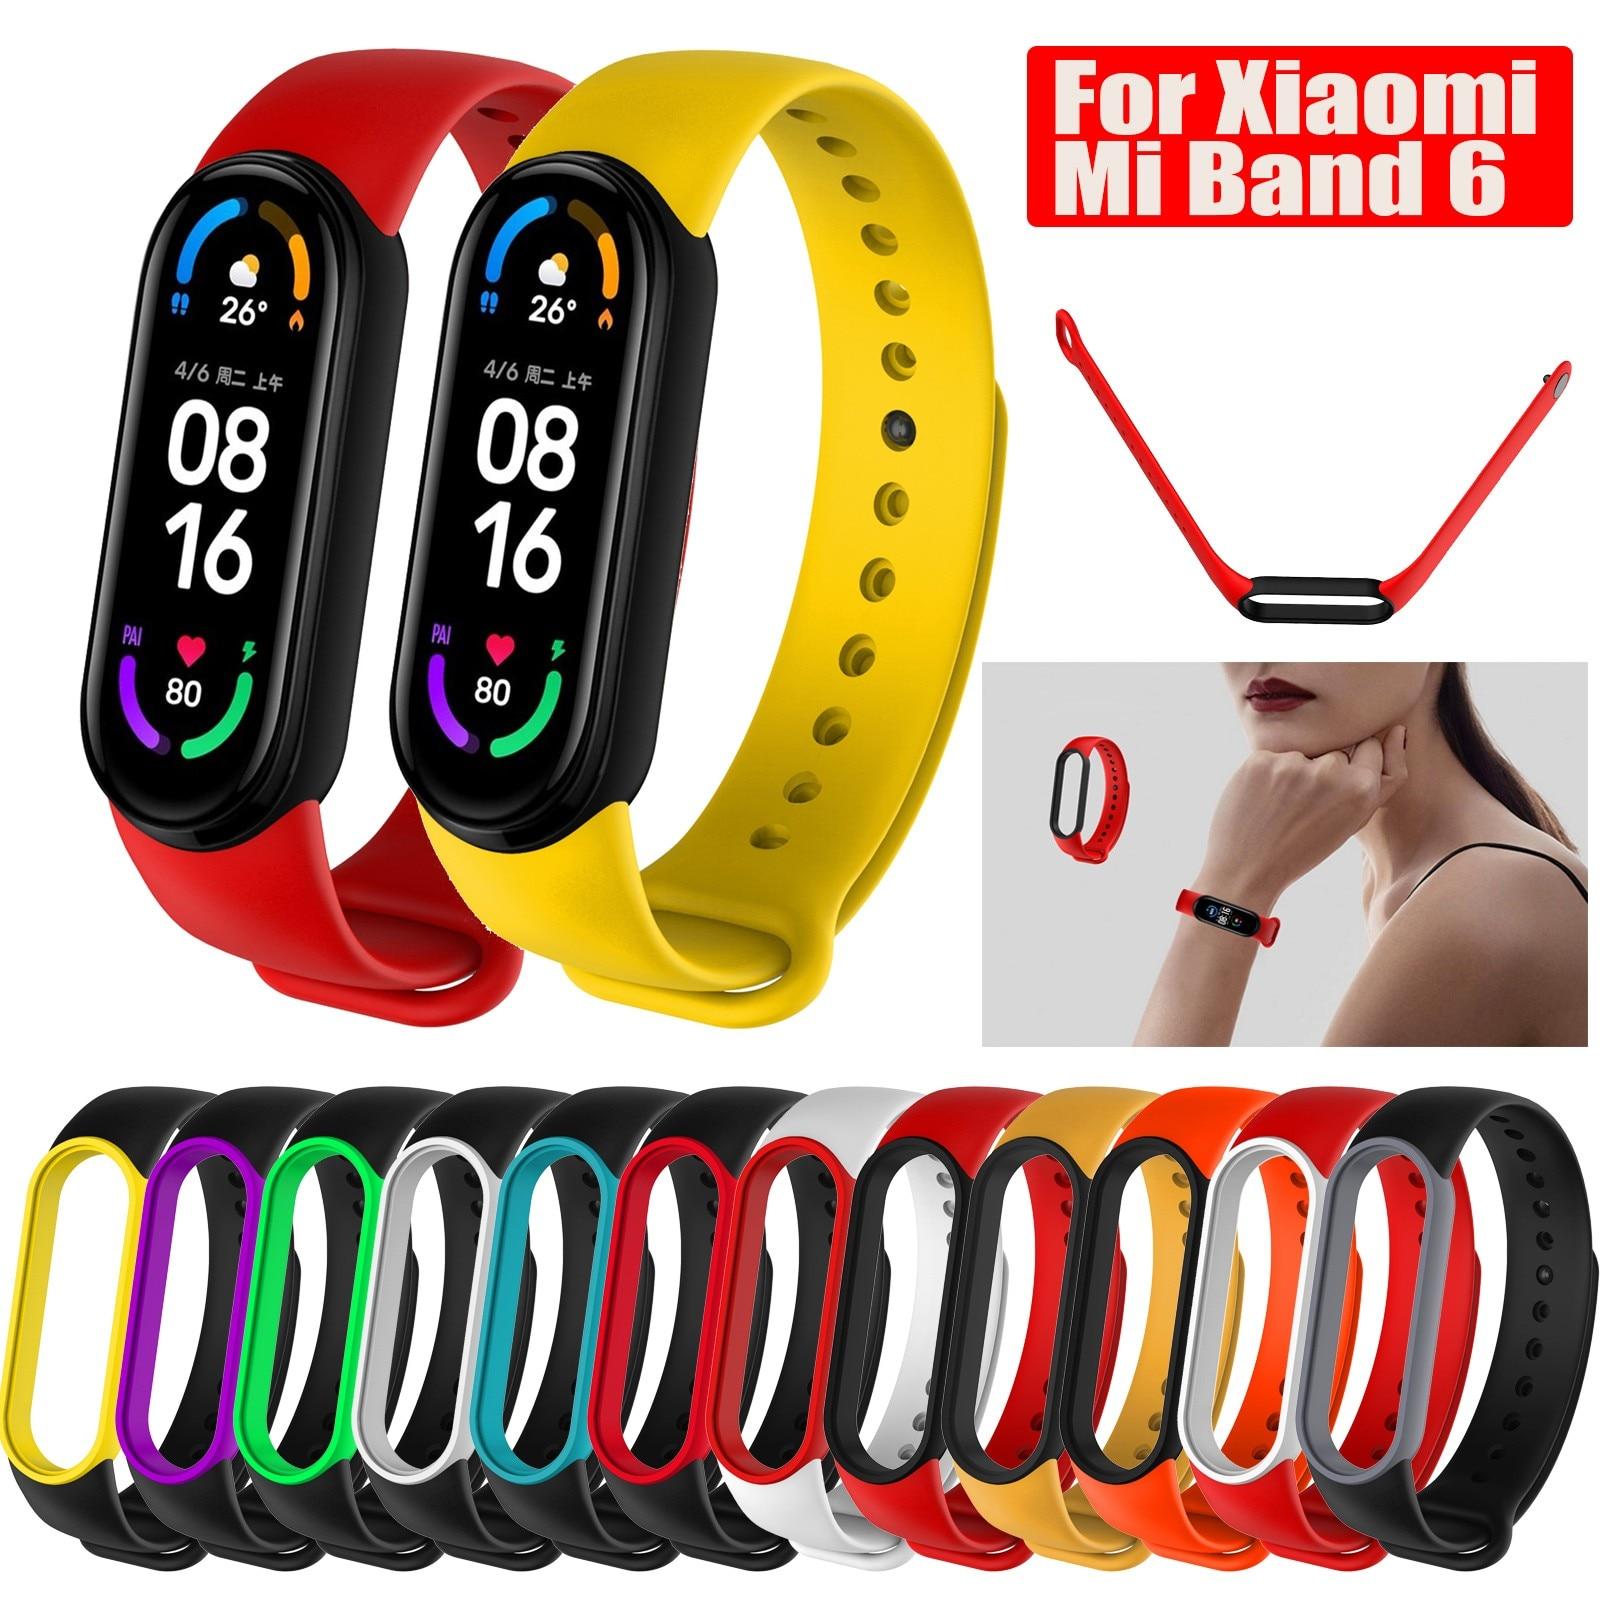 Pulseira de silicone para xiaomi mi banda 6 pulseira de relógio xiao mi xaomi xioami miband6 band6 silicone gel pulseira de montre